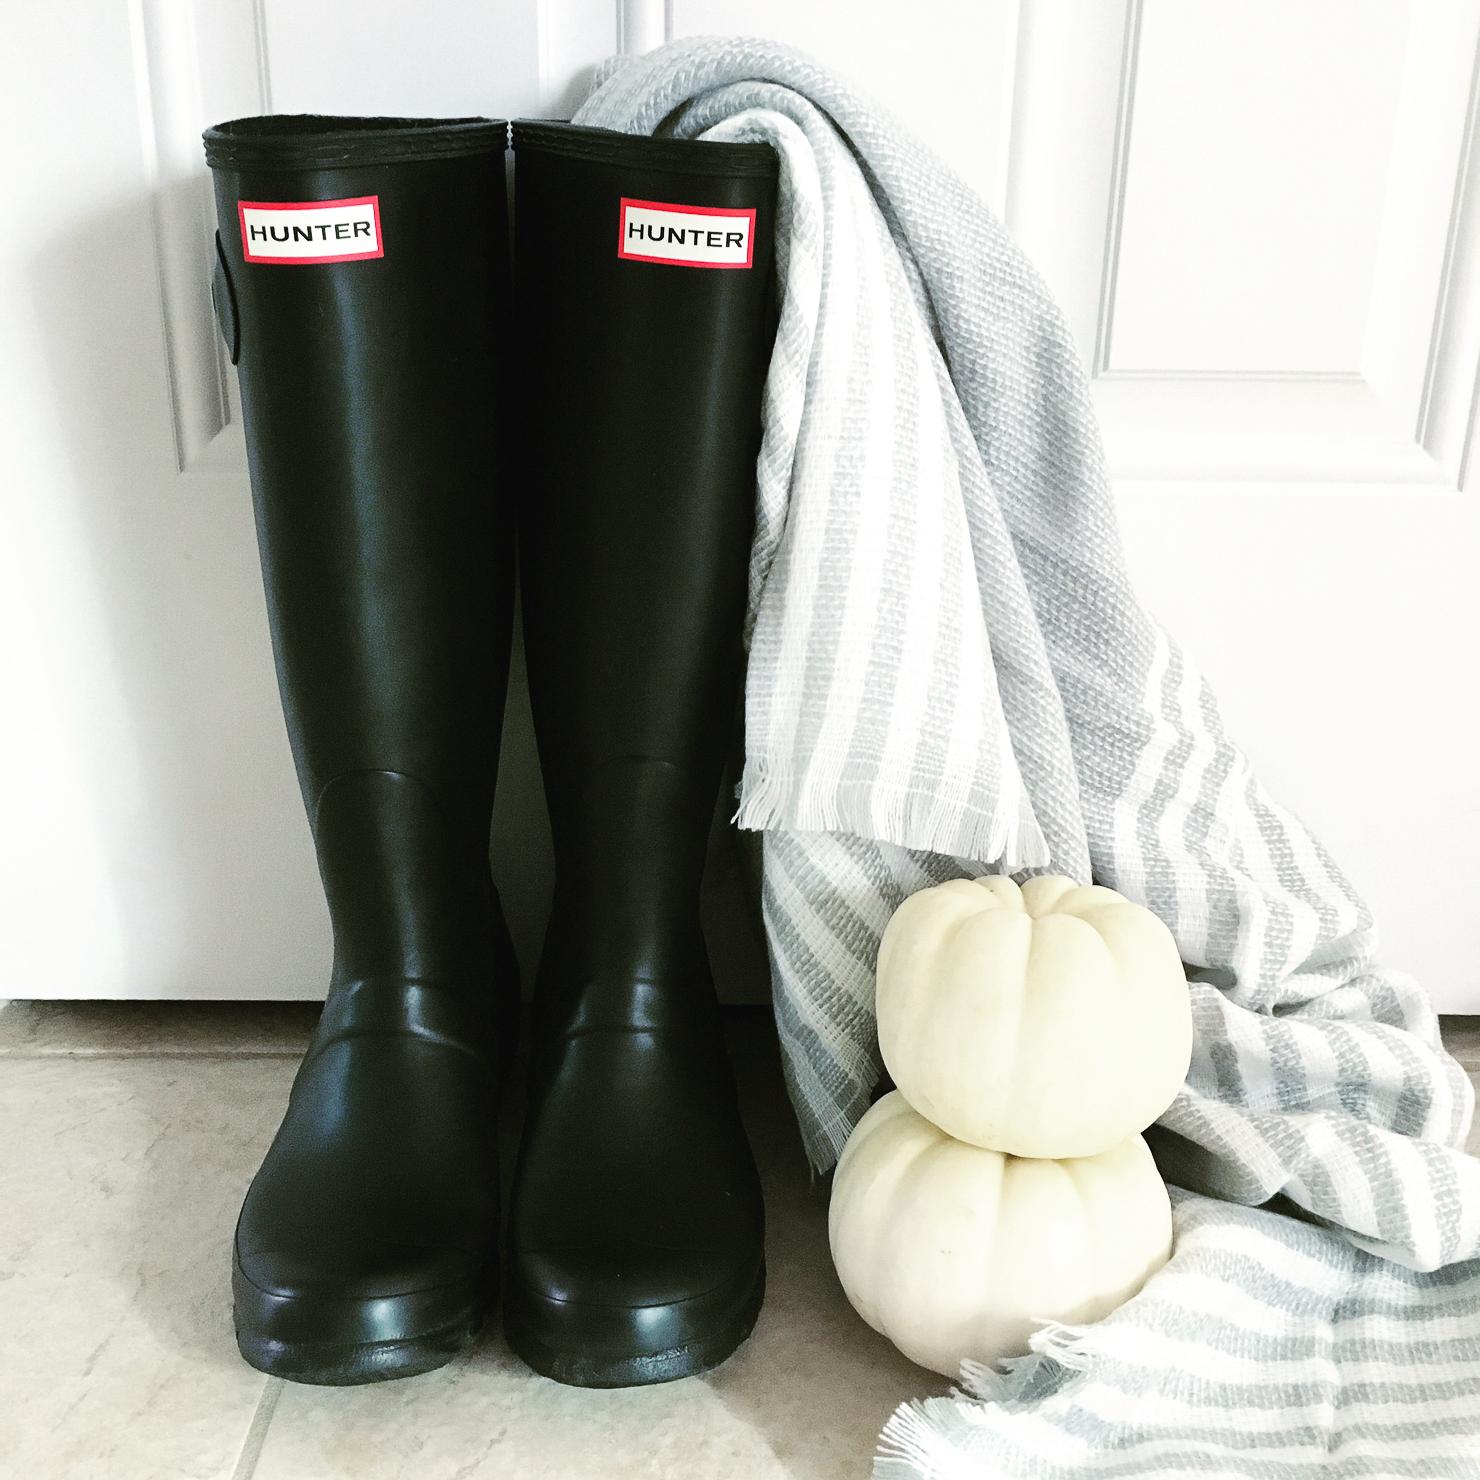 ilymix-grey-scarf-black-hunter-boots-white-pumpkins-instagram